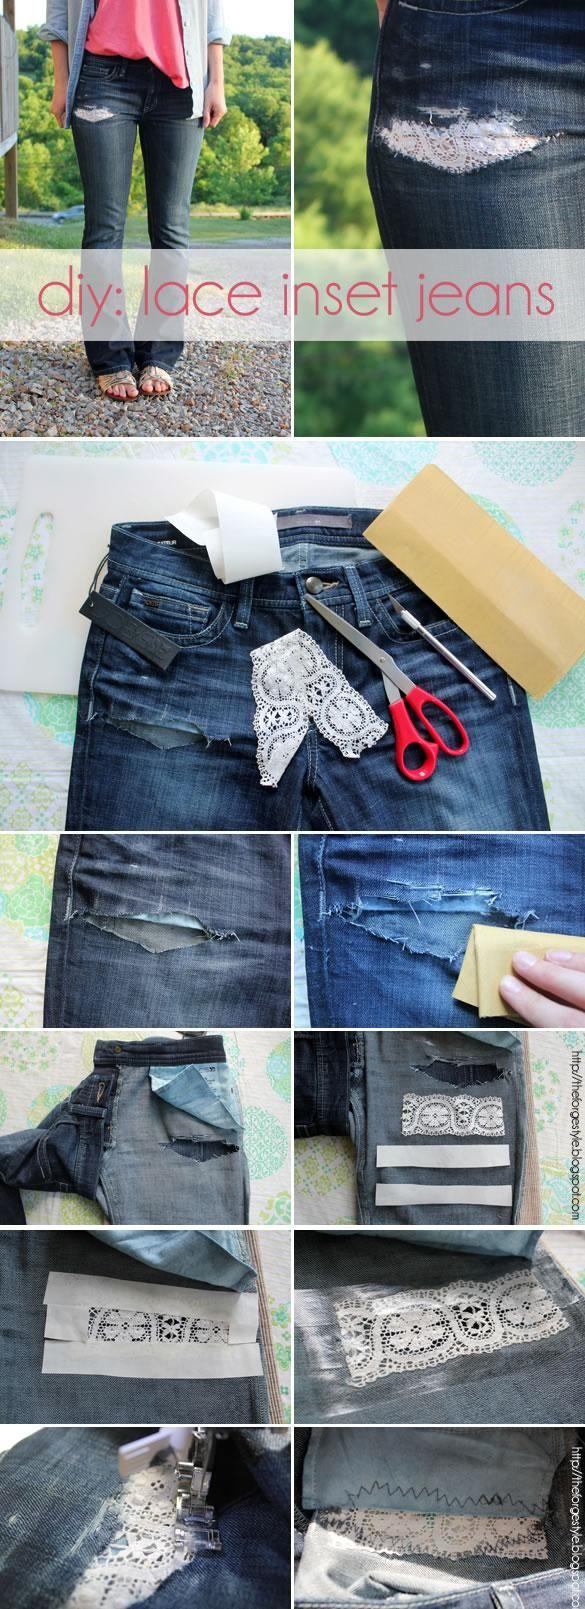 DIY jeans refashion: DIY: Lace inset jeans